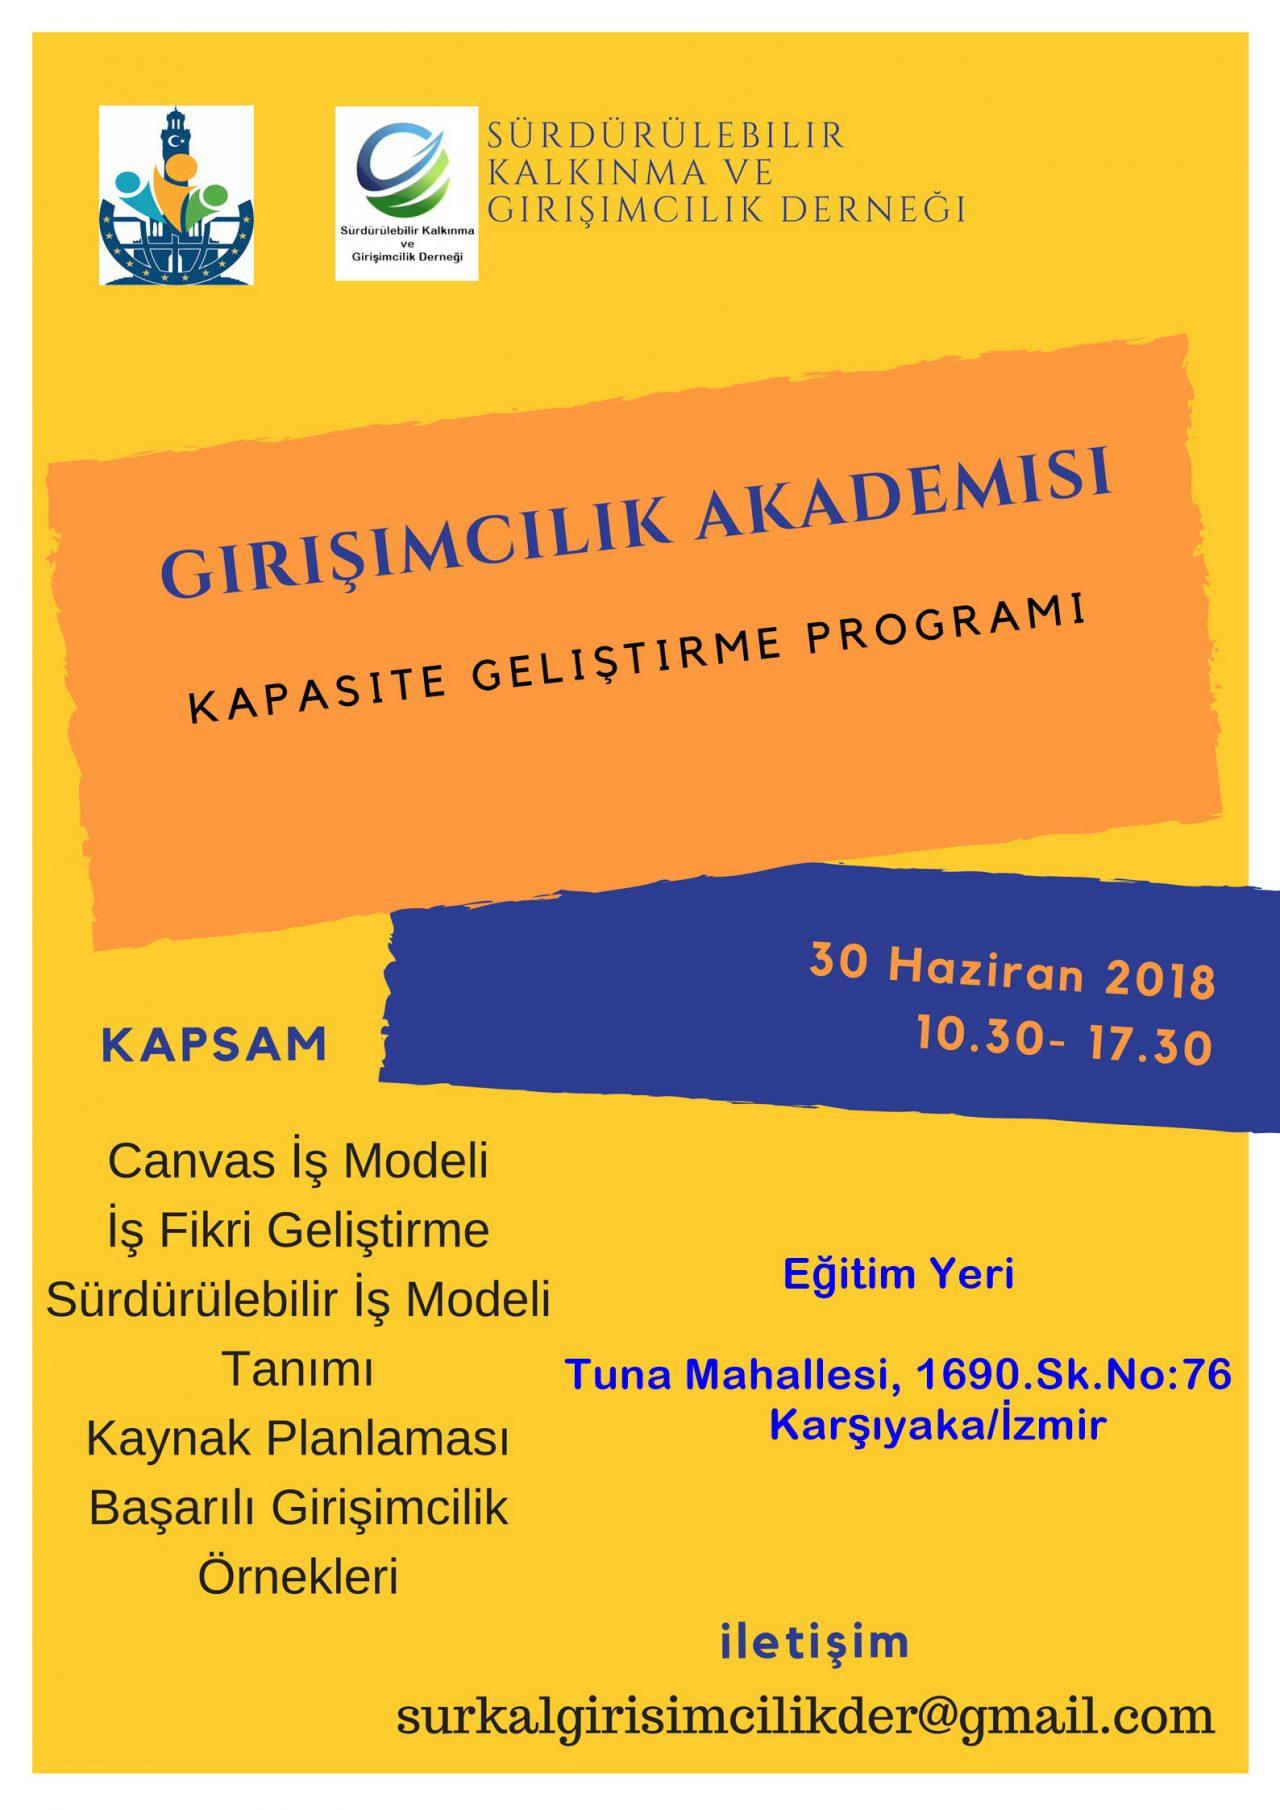 Girişimcilik Akademisi Kapasite Geliştirme Programı